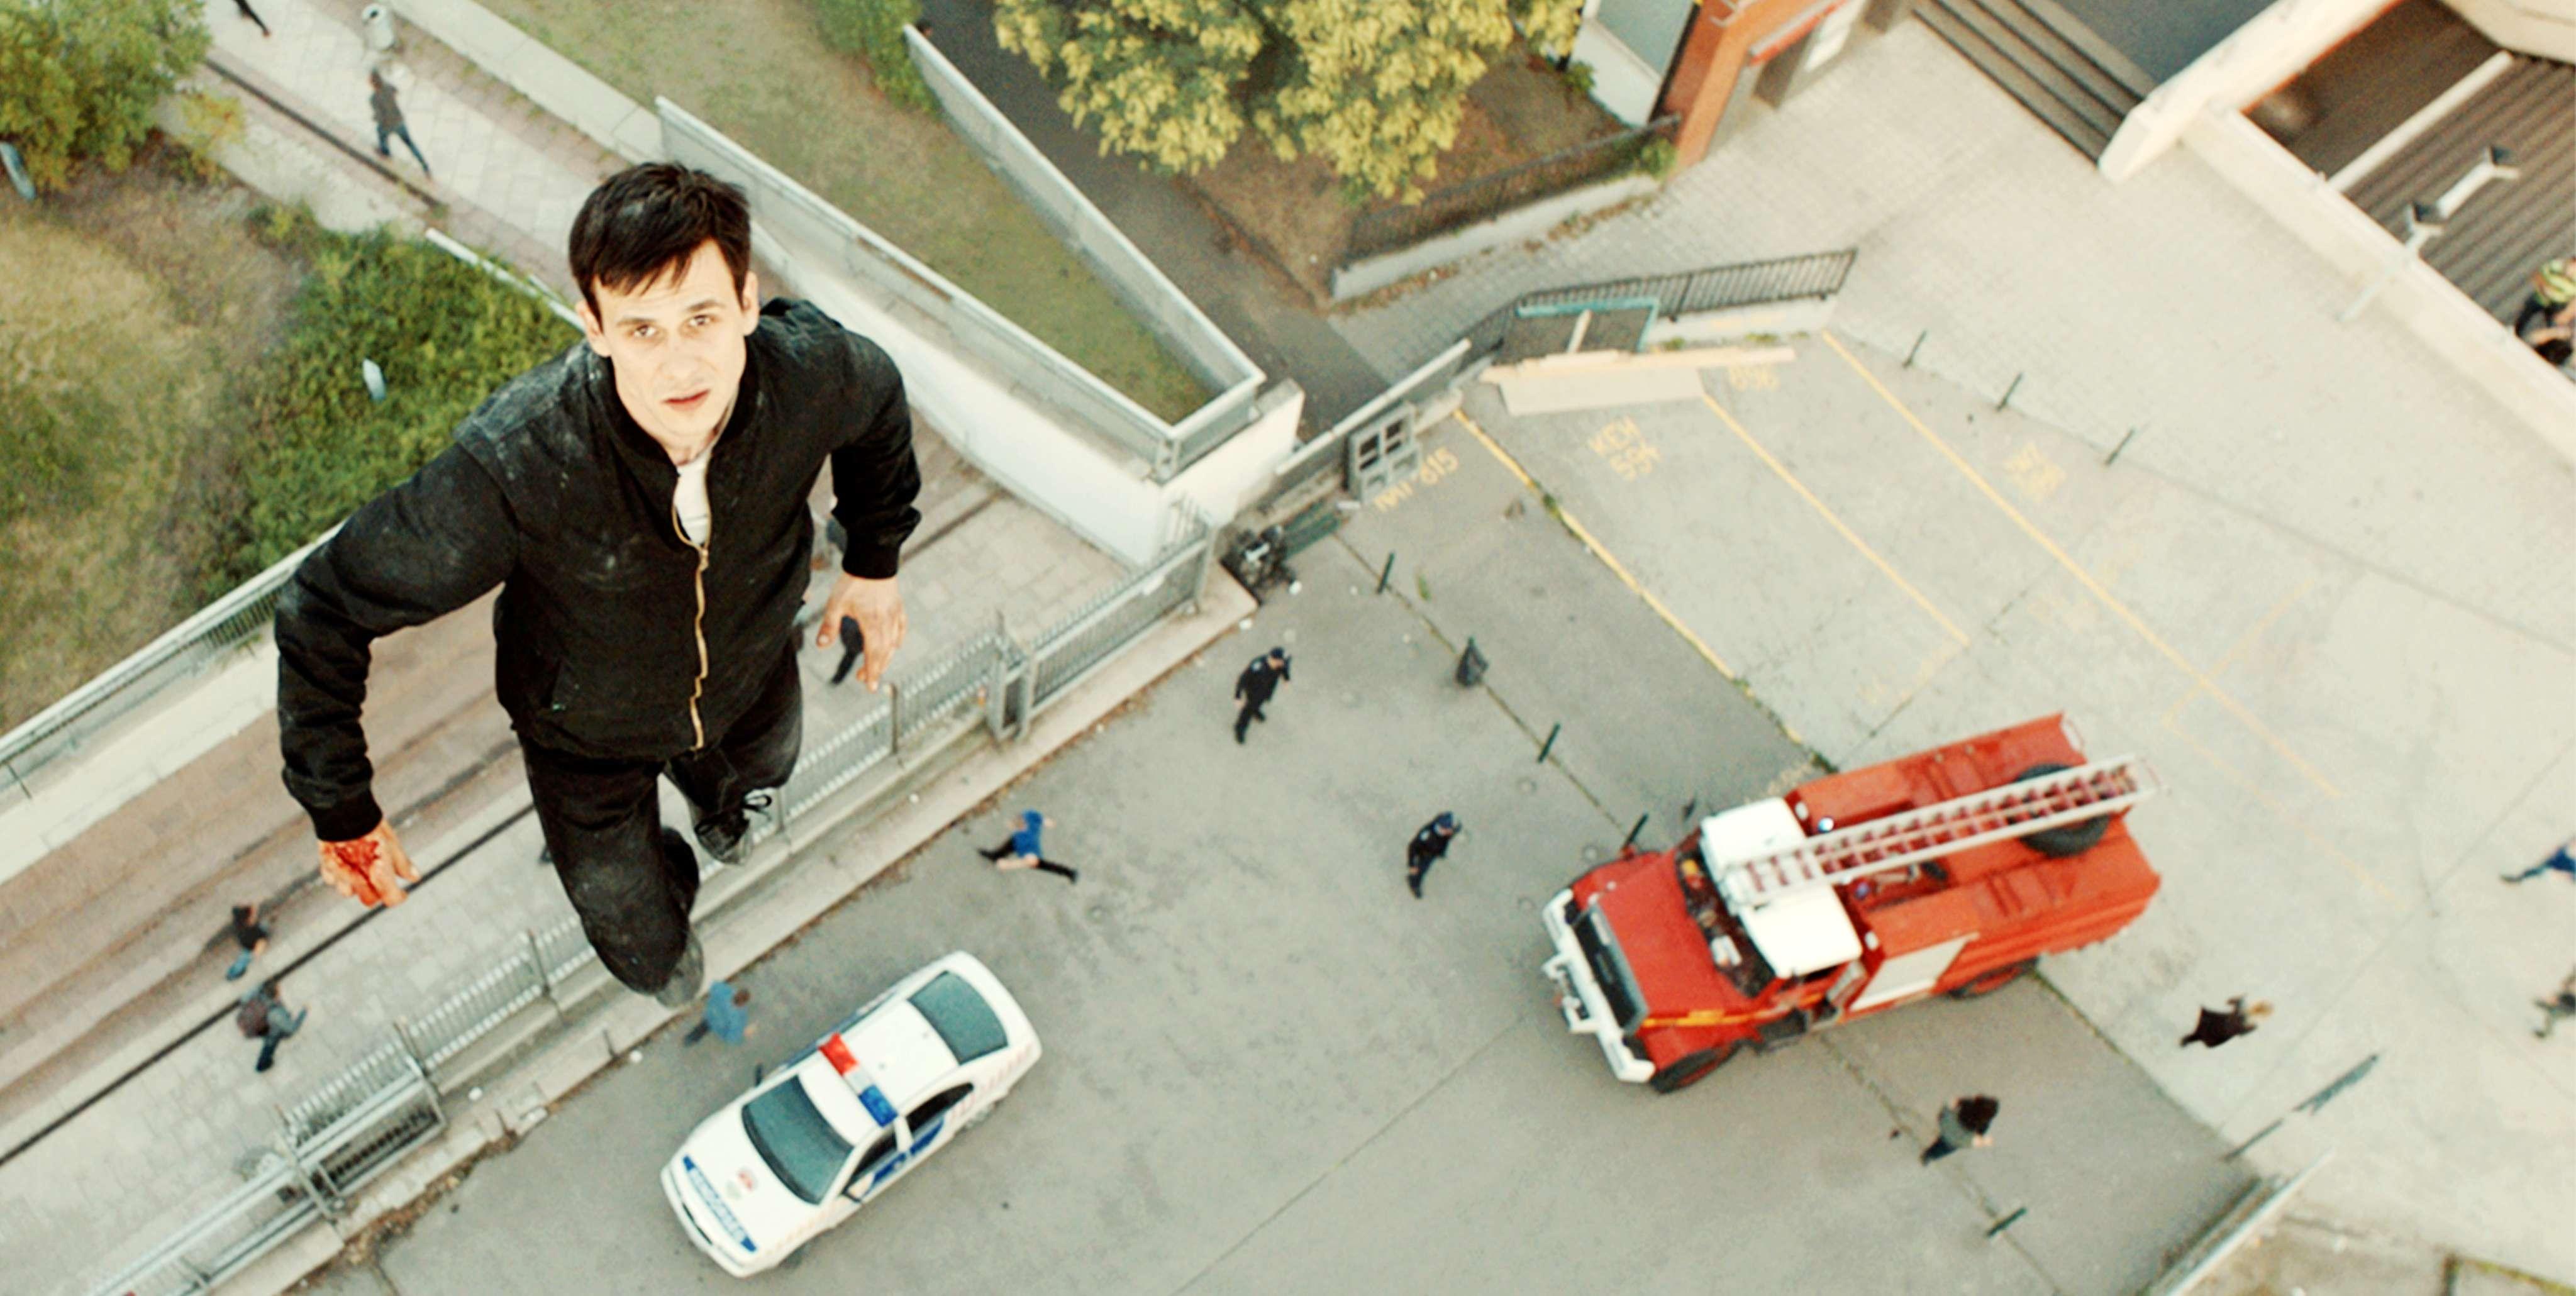 《天使追殺令》充滿細膩驚人的特效,讓觀眾如置身高空,展現俯瞰世界的驚人視角